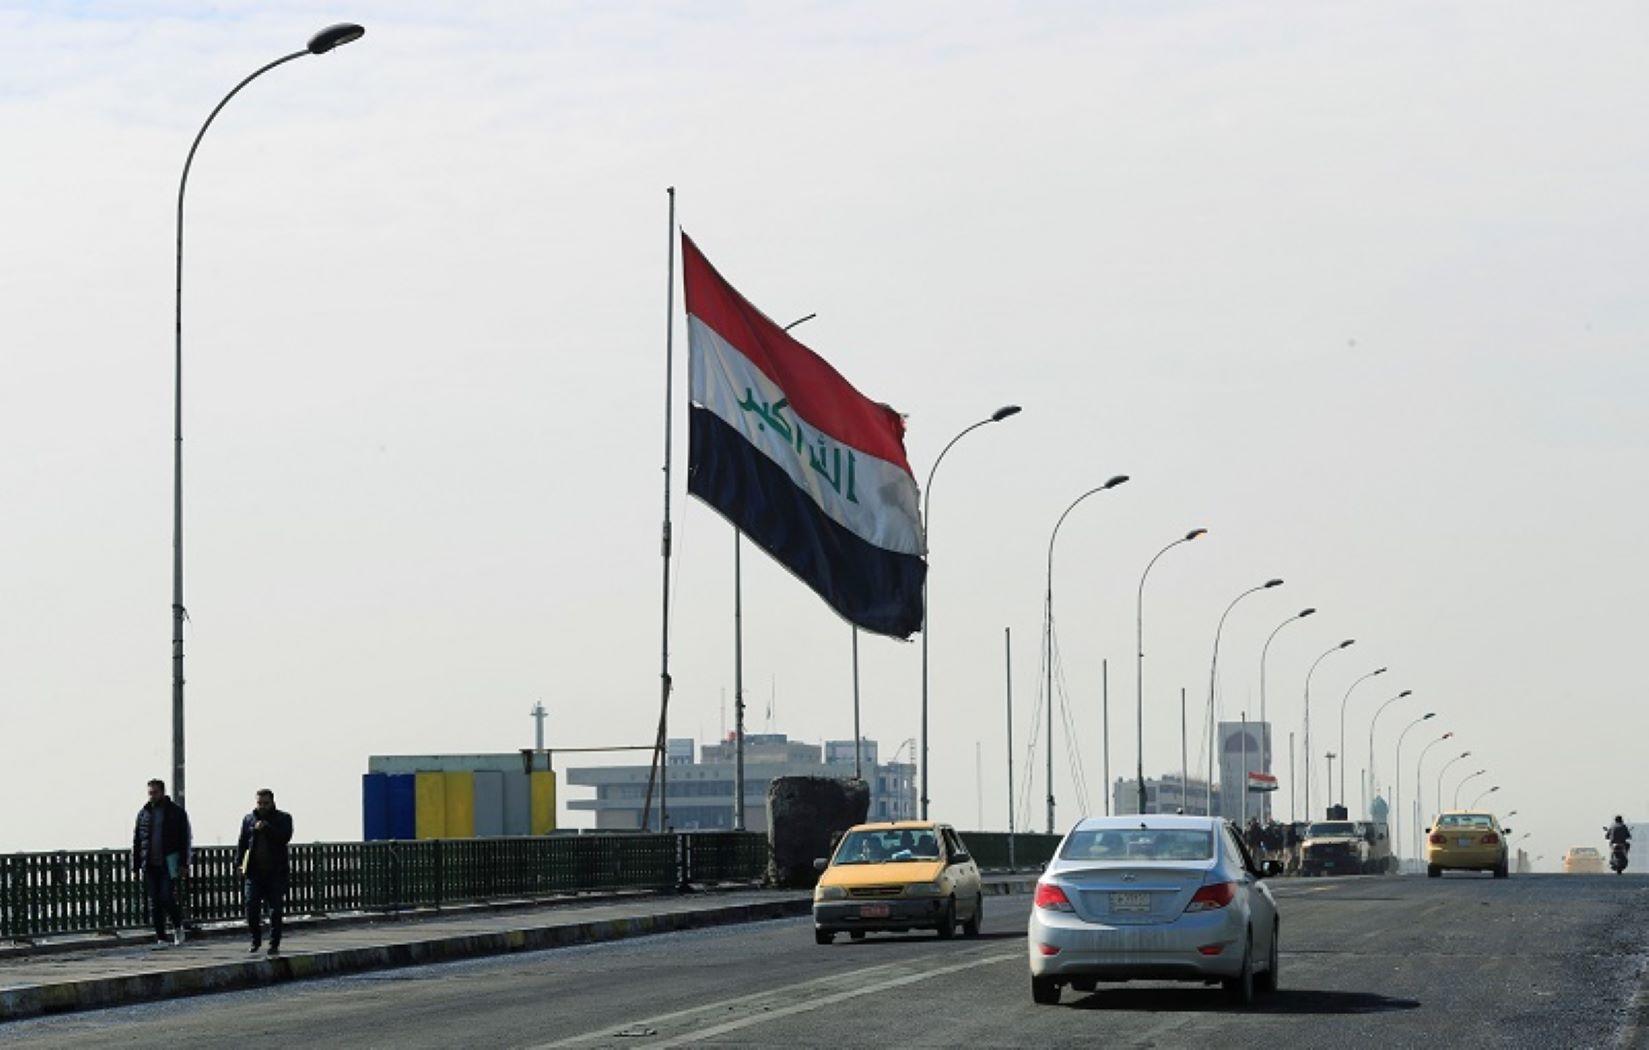 نواب يحذرون: الهجمات على البعثات الدبلوماسية دفعت مستثمرين إلى الهرب السريع